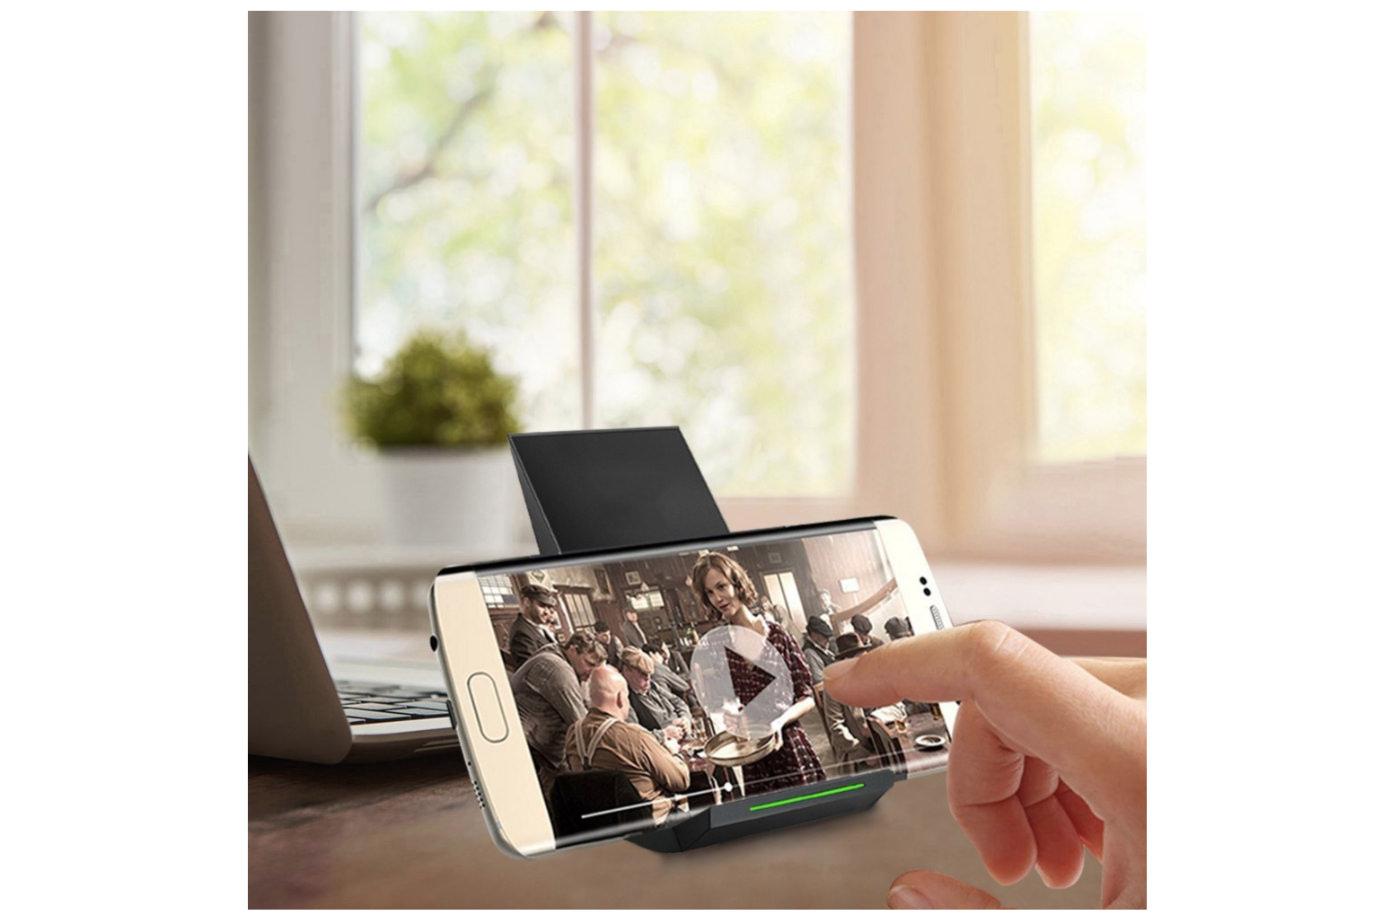 Qi 急速 ワイヤレス充電器 NANAMI Quick Charge 2.0 二つのコイル ワイヤレスチャージャー 置くだけ充電-4